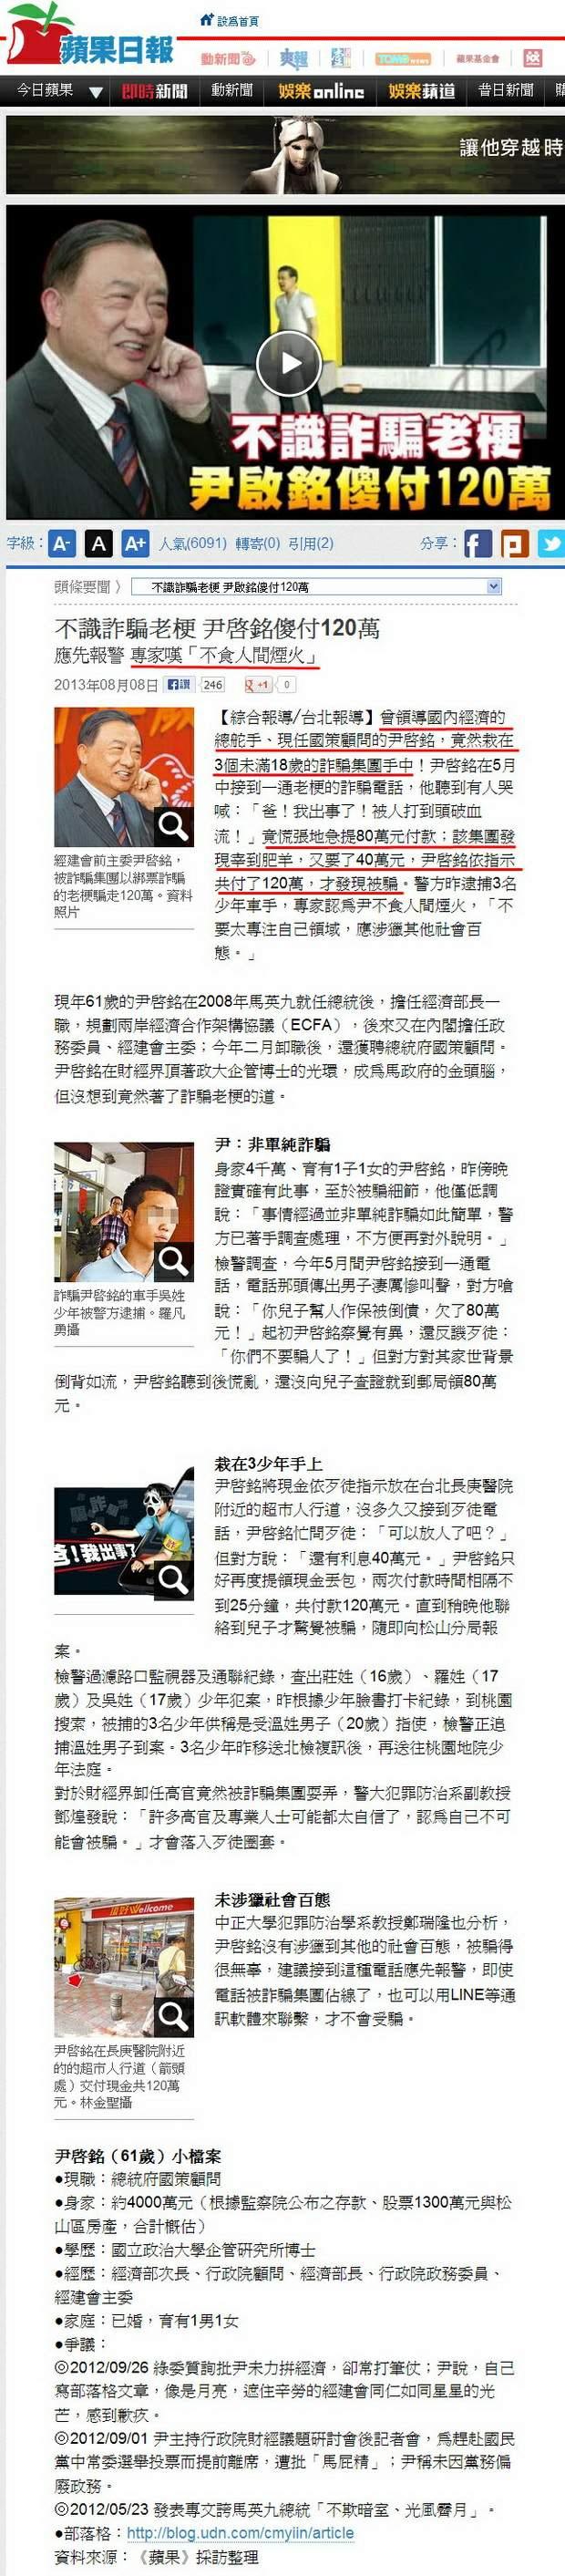 不識詐騙老梗 尹啟銘傻付120萬-2013.08.08-01.jpg